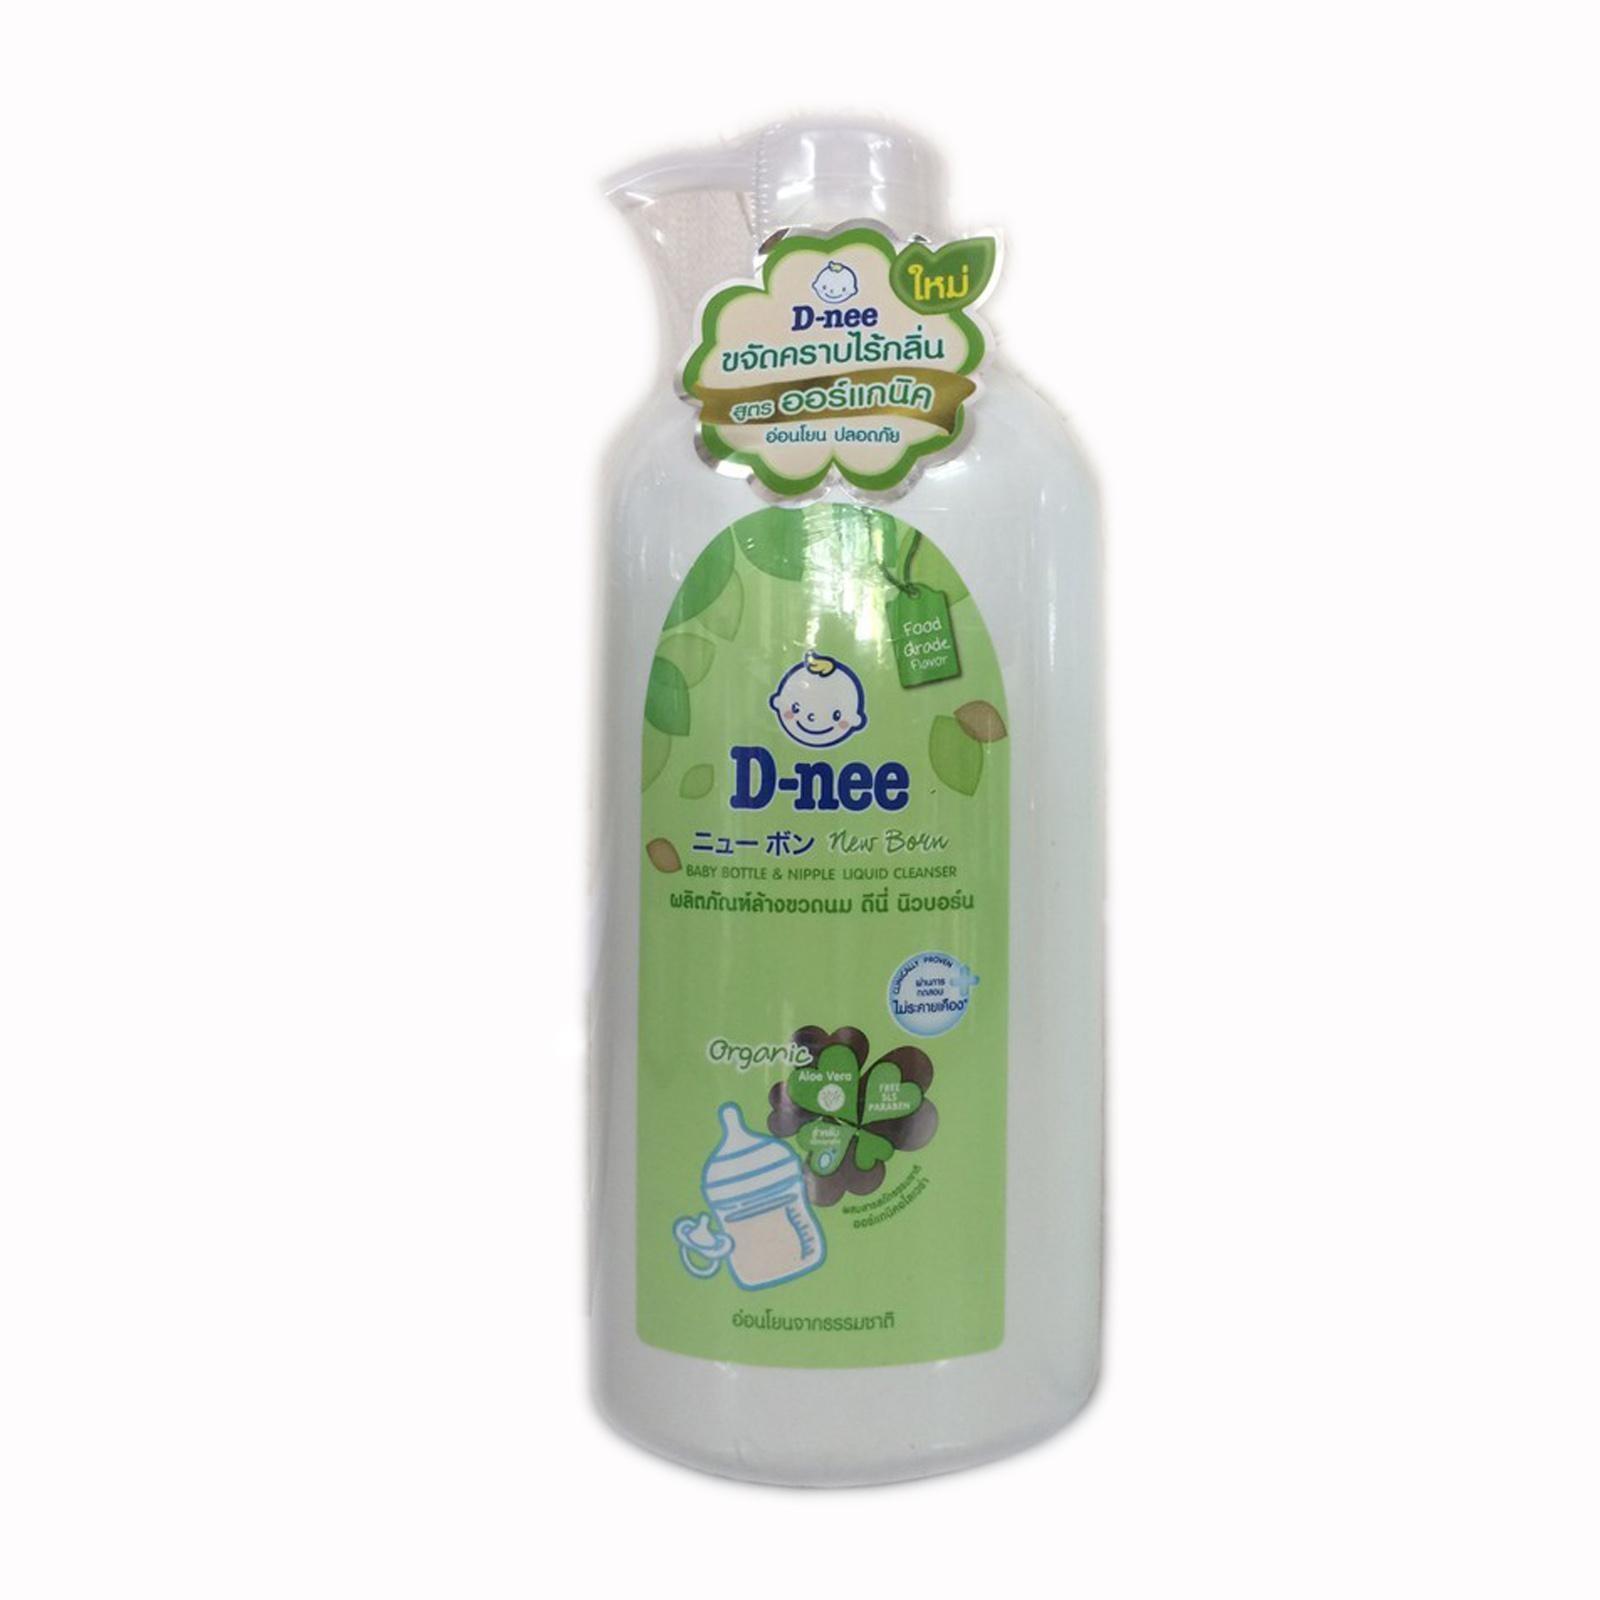 [MẪU MỚI] Nước rửa bình sữa Dnee Organic dạng chai 620ml